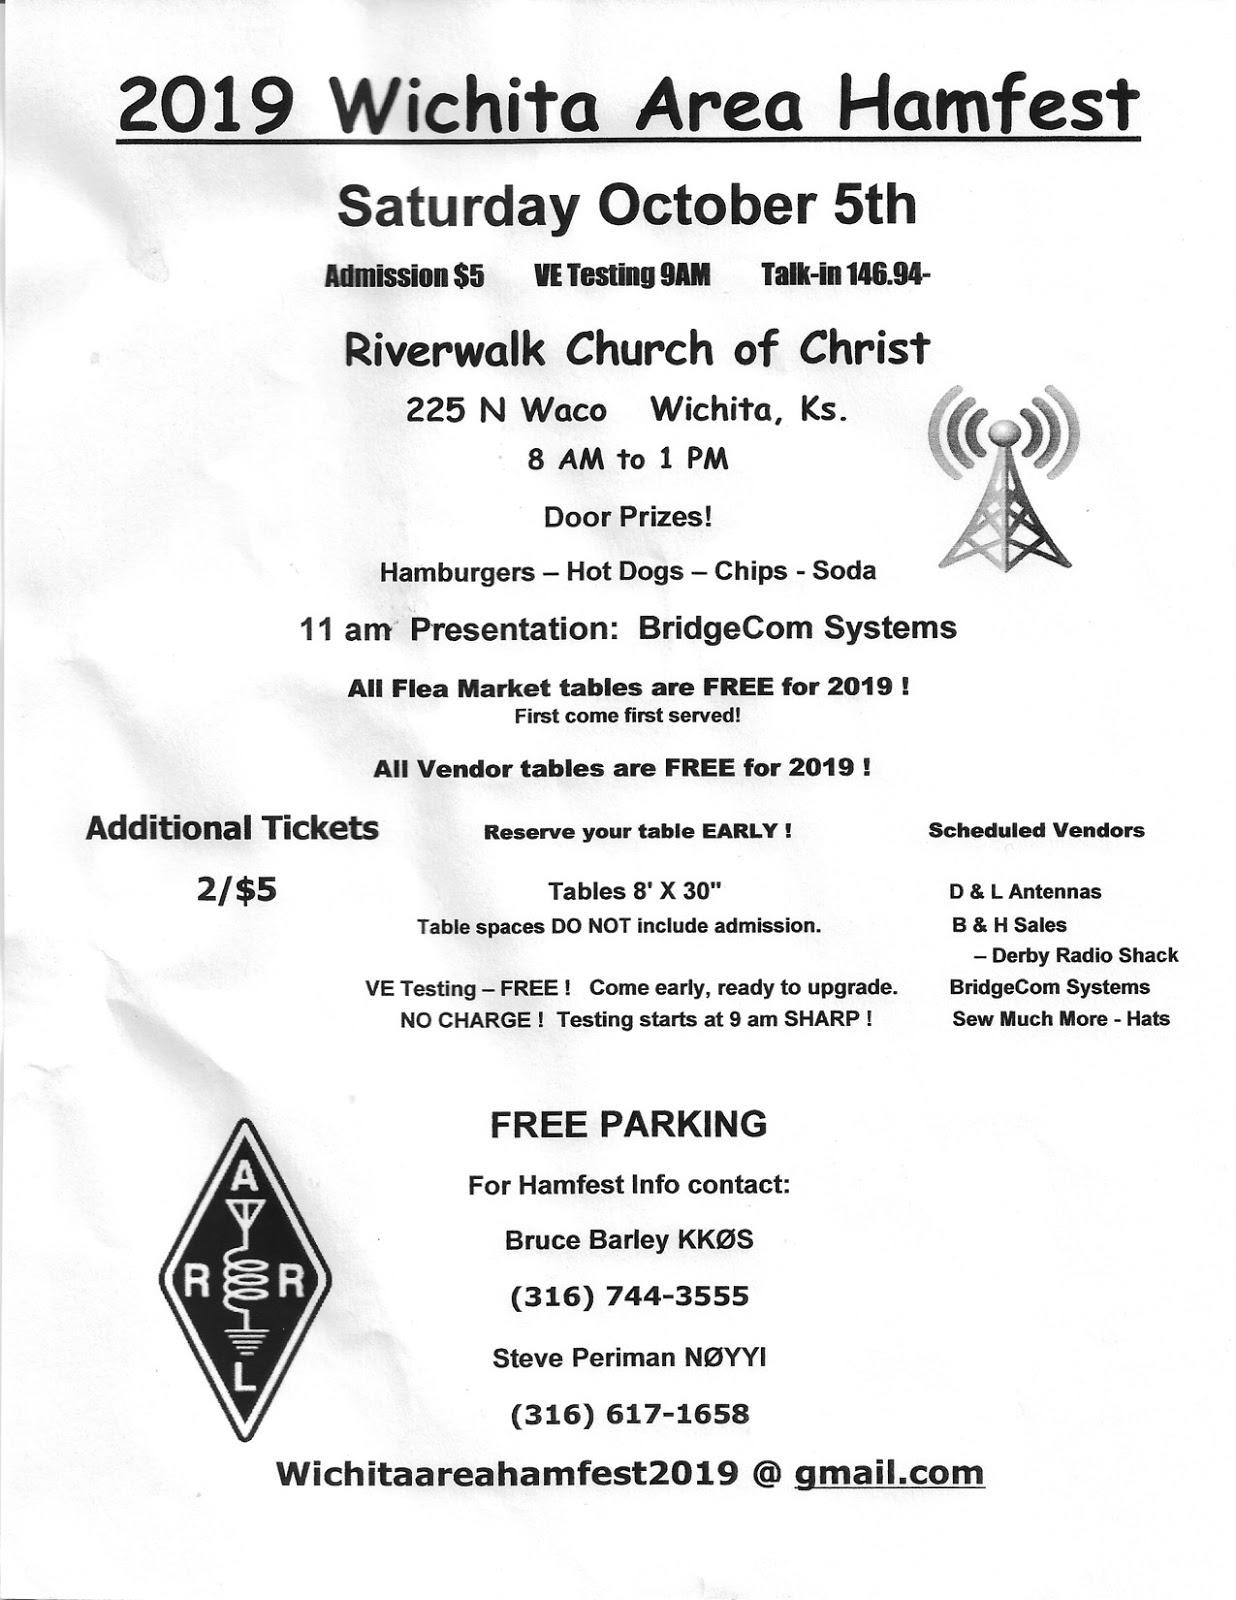 ARRL Oklahoma | Oklahoma Repeater Society Inc